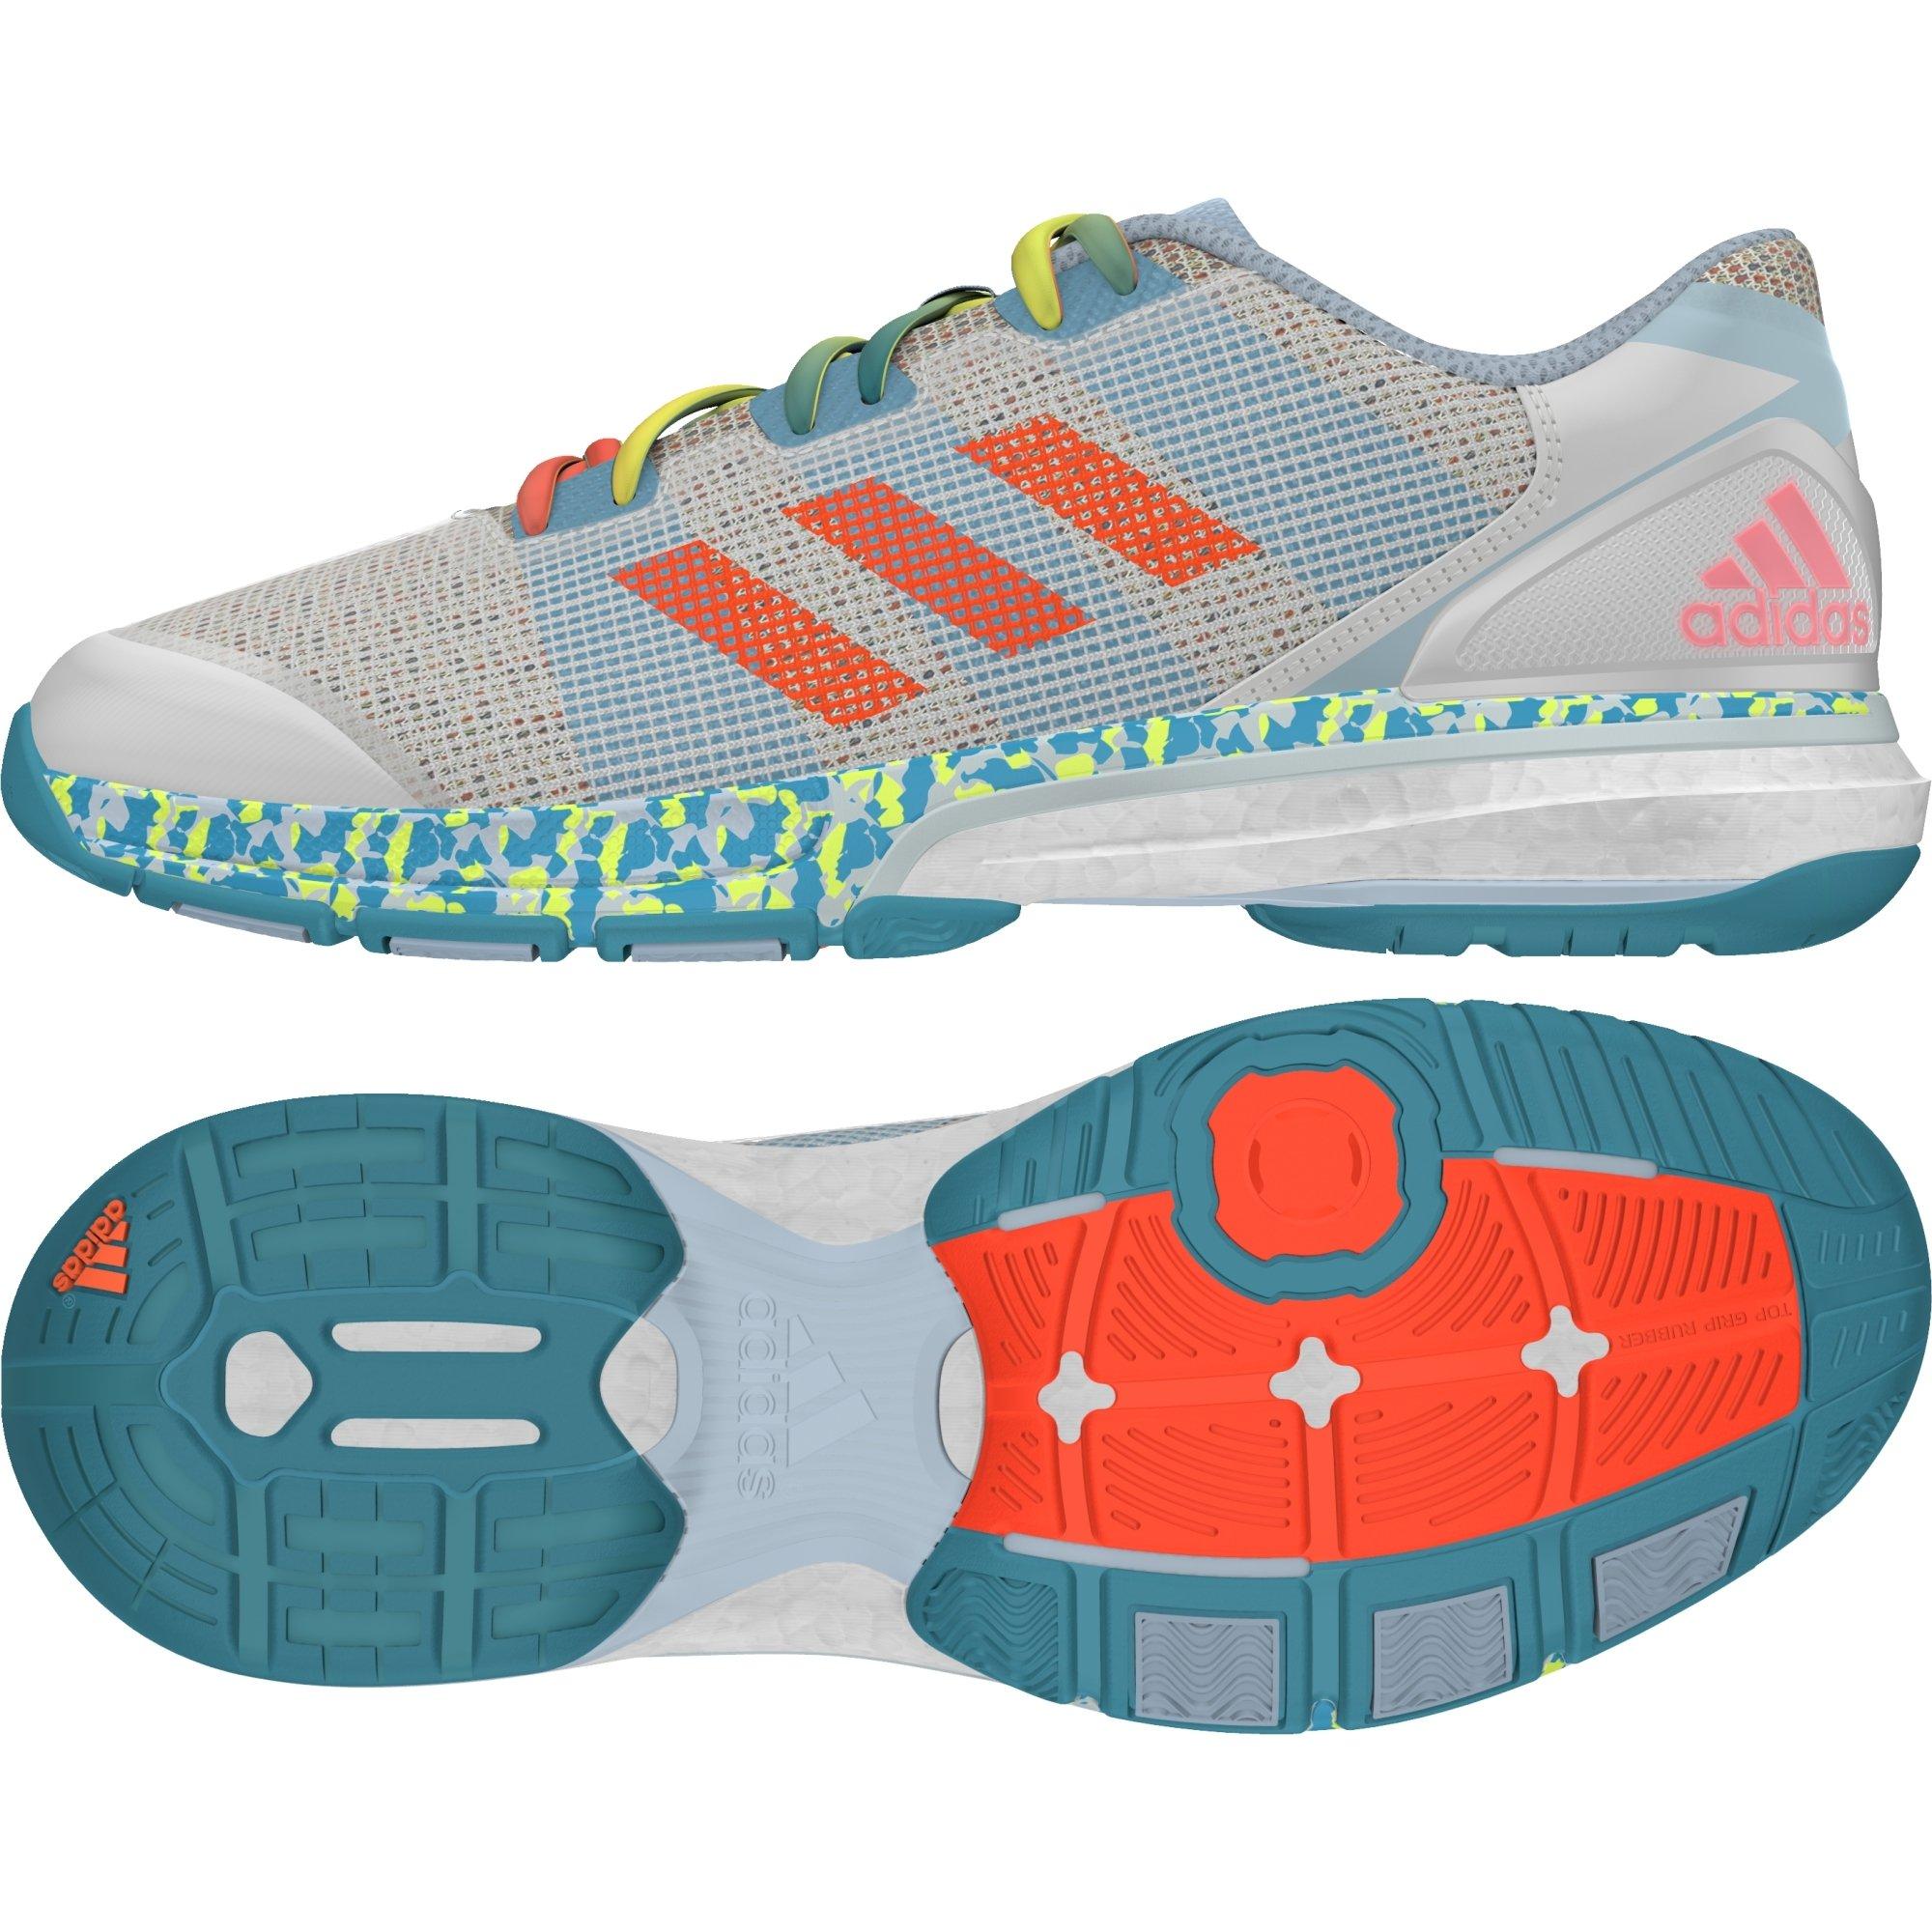 adidas Women's Stabil Boost Ii Handball Shoes- Buy Online in Faroe ...